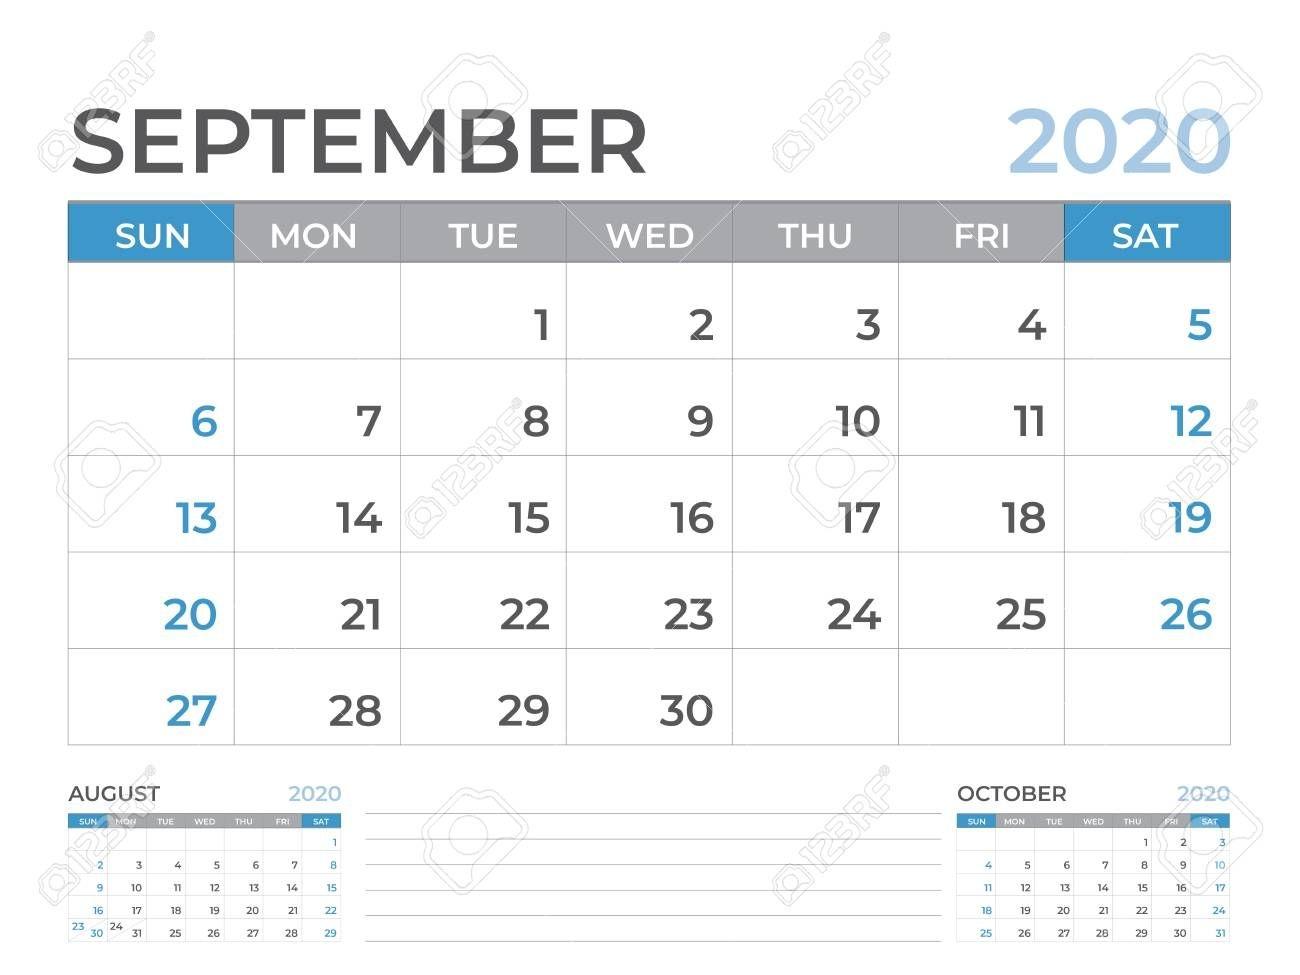 september 2020 calendar template, desk calendar layout size